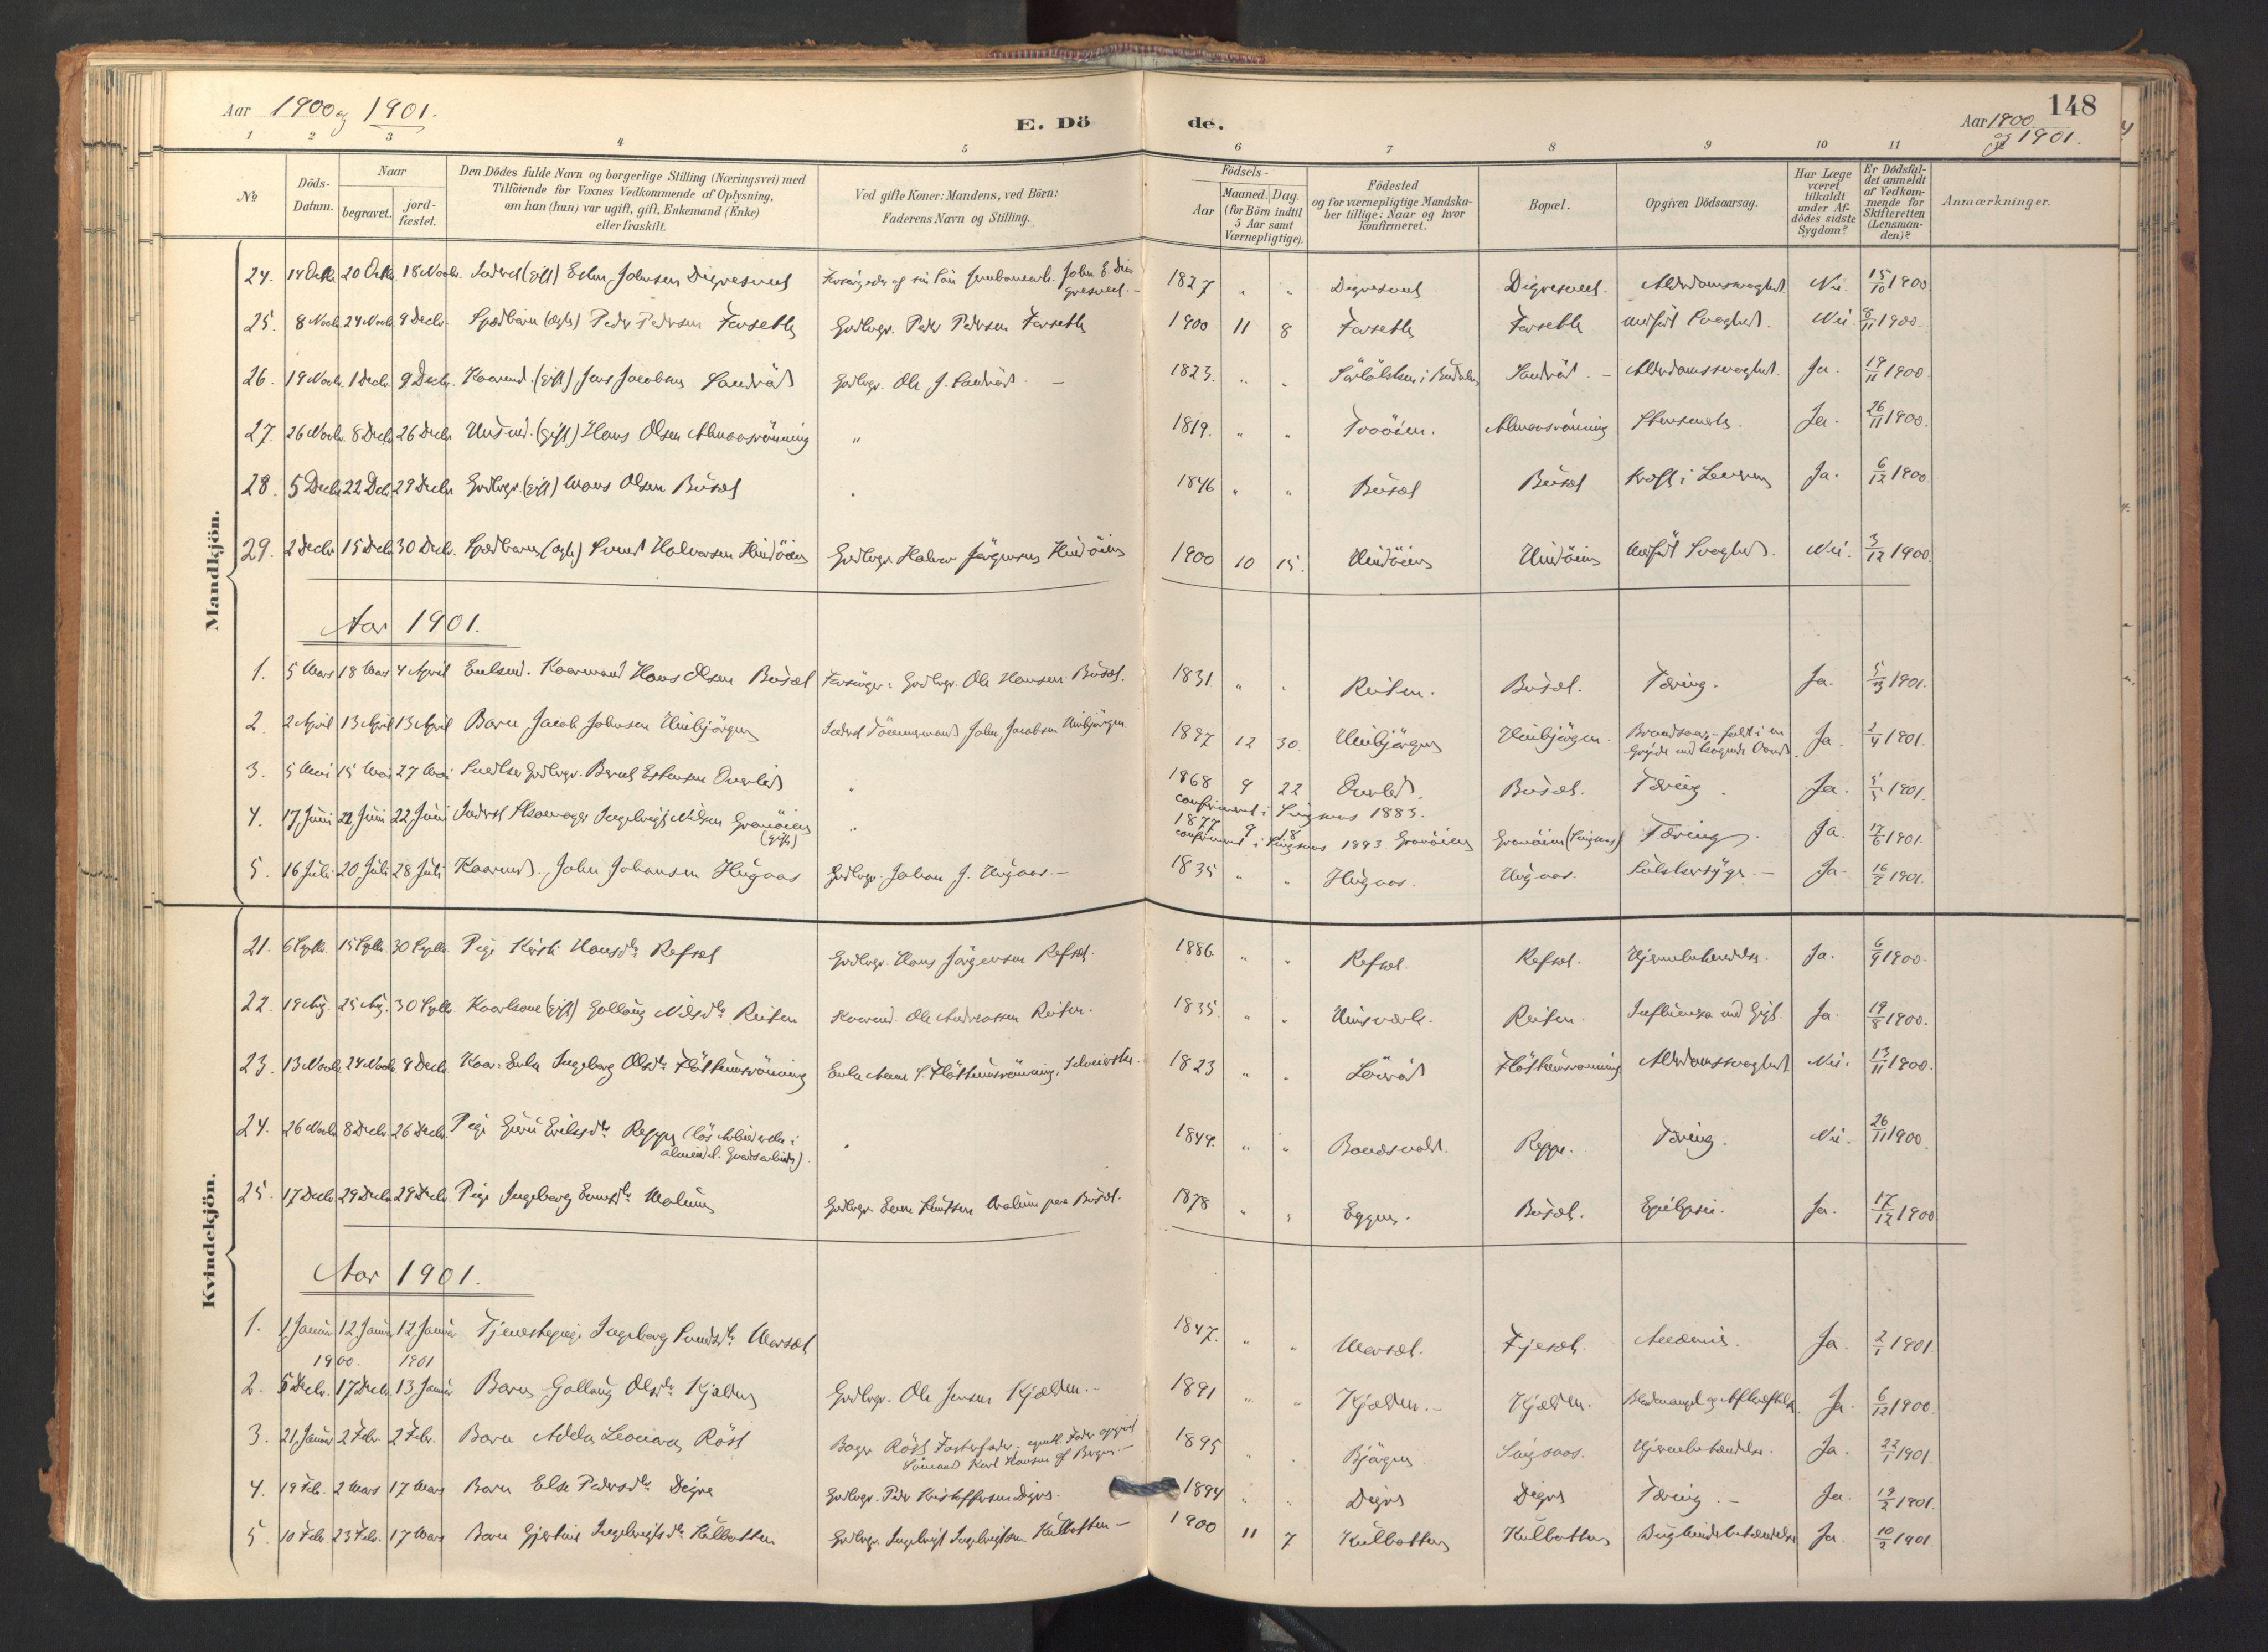 SAT, Ministerialprotokoller, klokkerbøker og fødselsregistre - Sør-Trøndelag, 688/L1025: Ministerialbok nr. 688A02, 1891-1909, s. 148